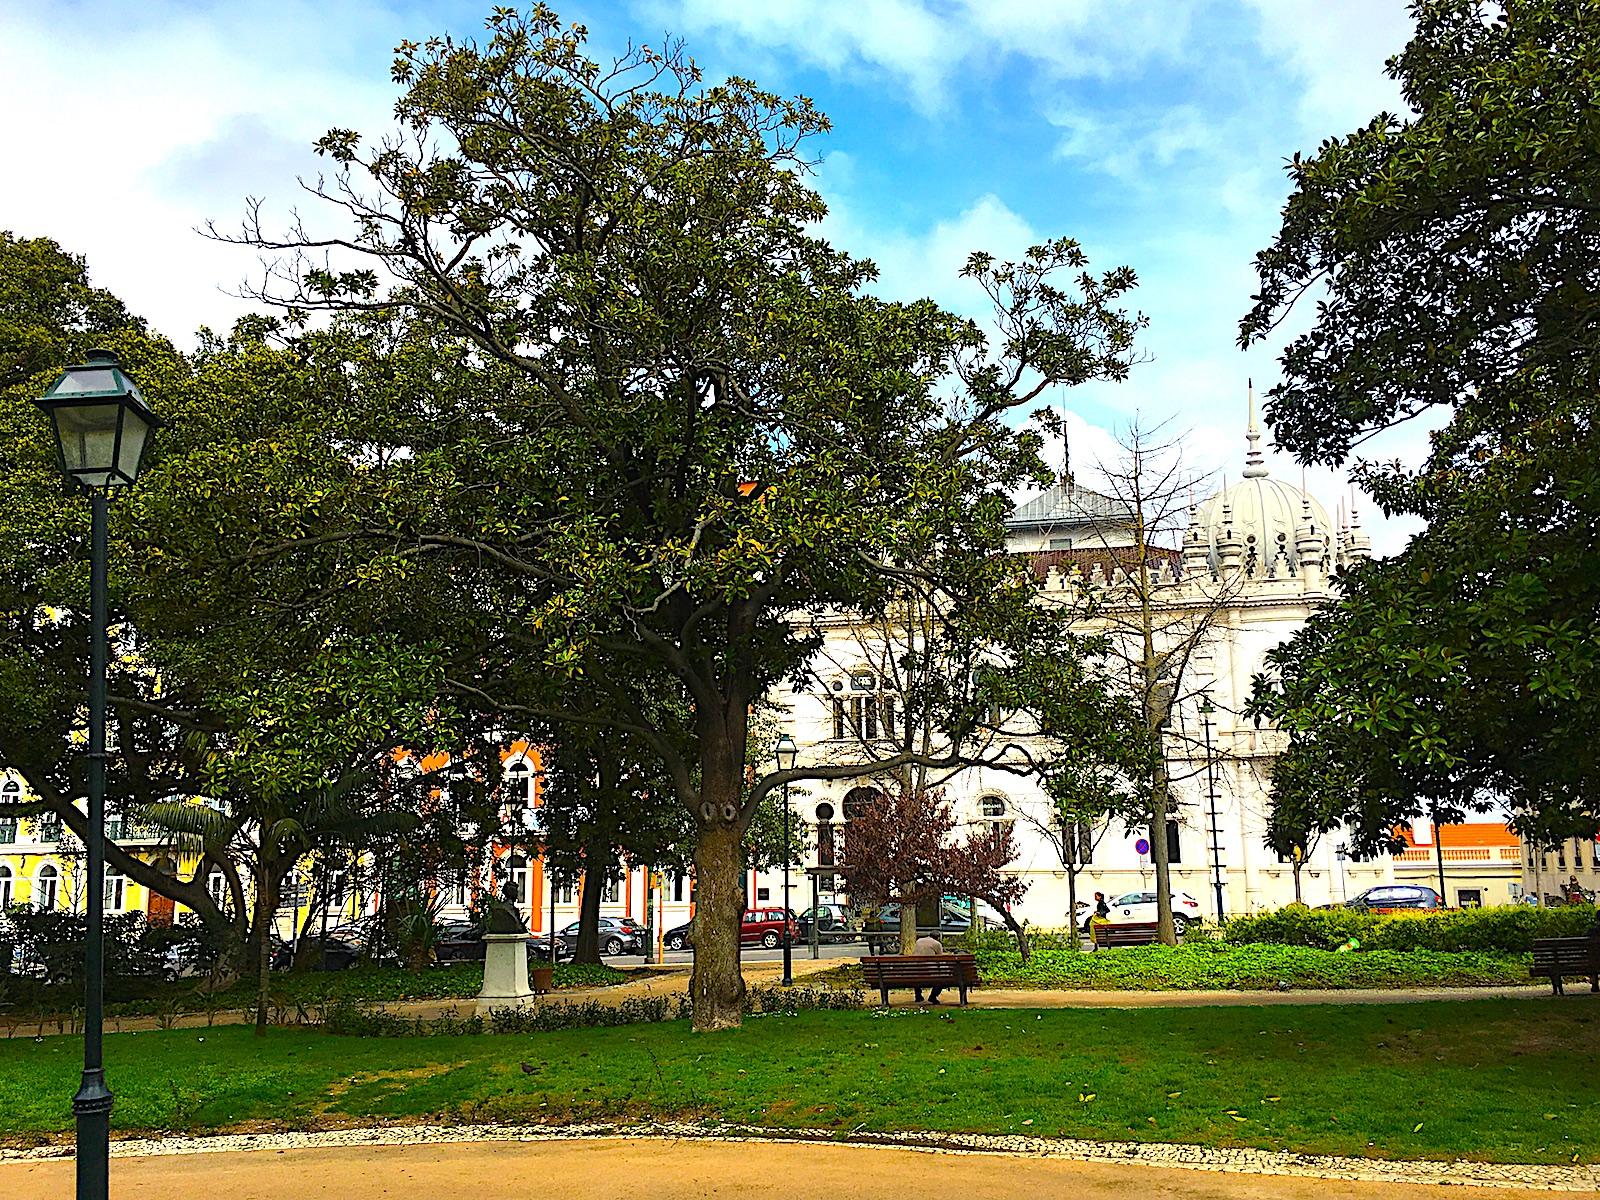 Embaixada toren